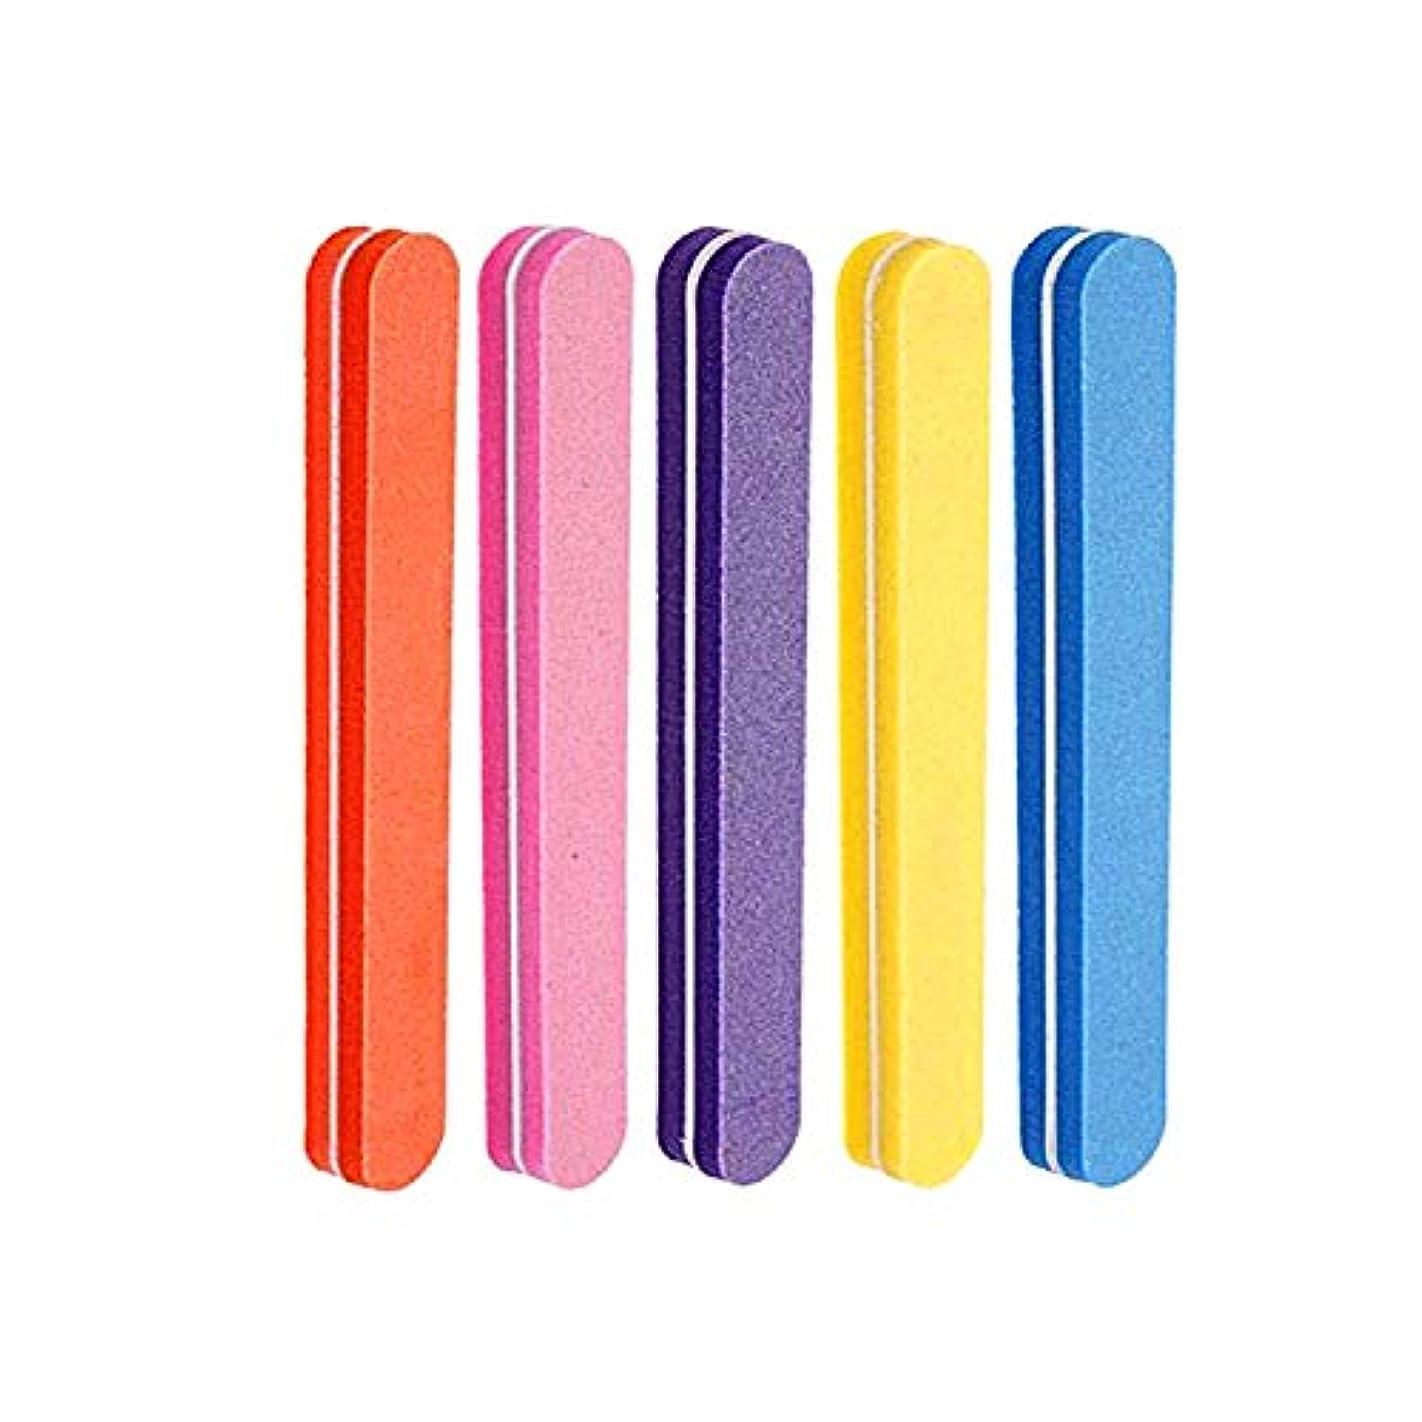 食料品店批判ハイブリッドネイルファイル 5色スポンジネイルバッファー 100/180グリット ジェルネイル用 (5本セット)